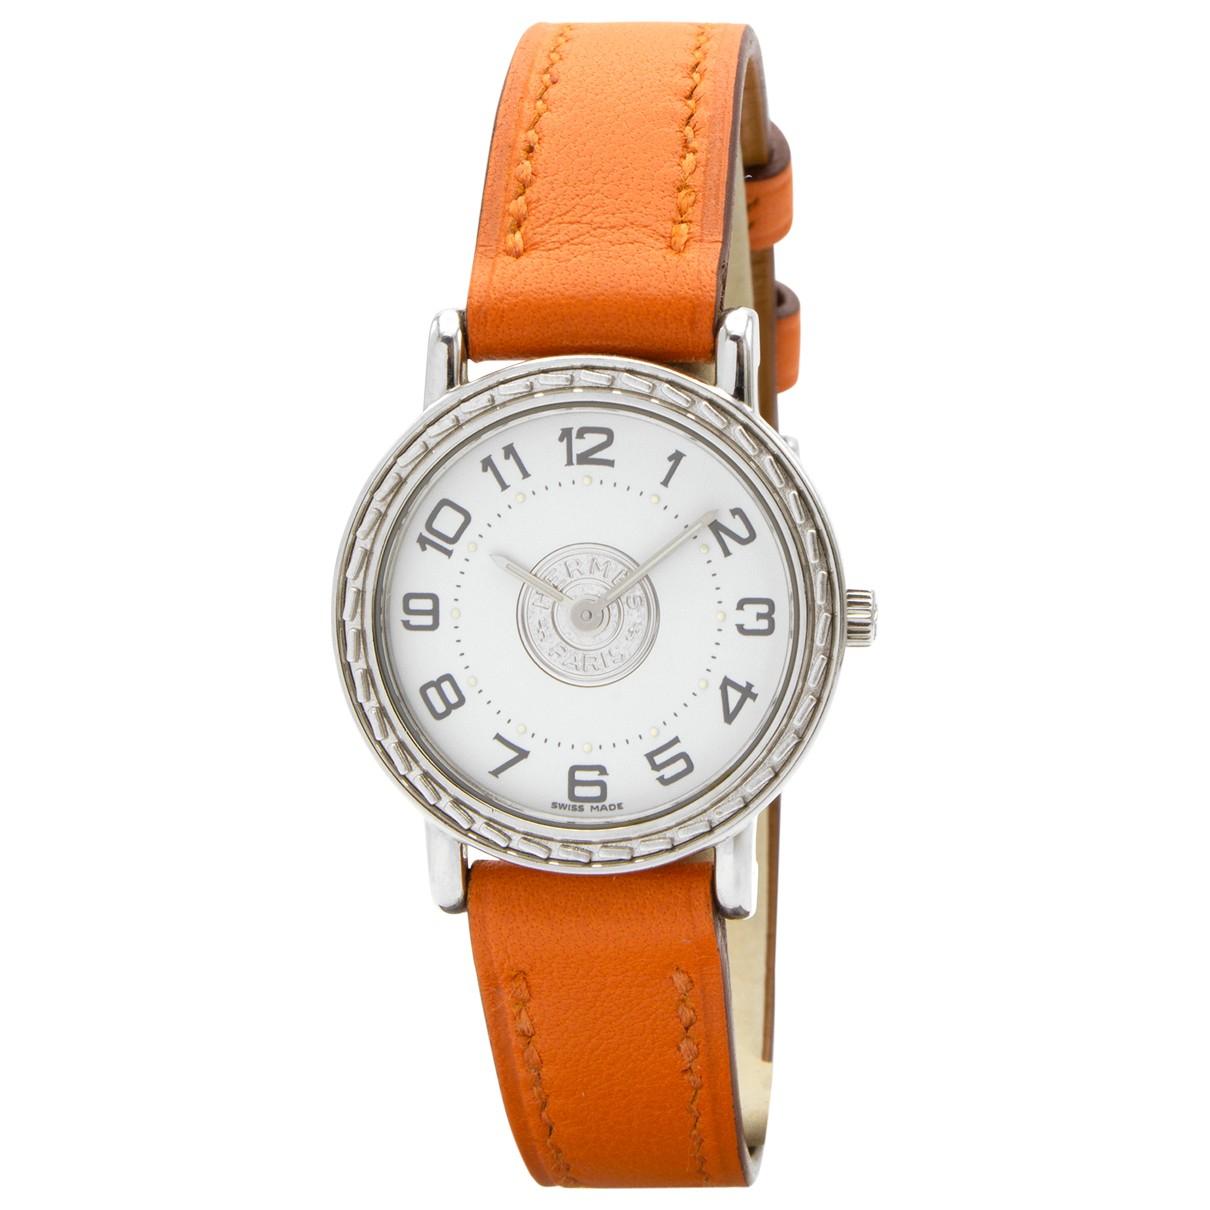 Hermes Sellier Uhr in  Orange Stahl